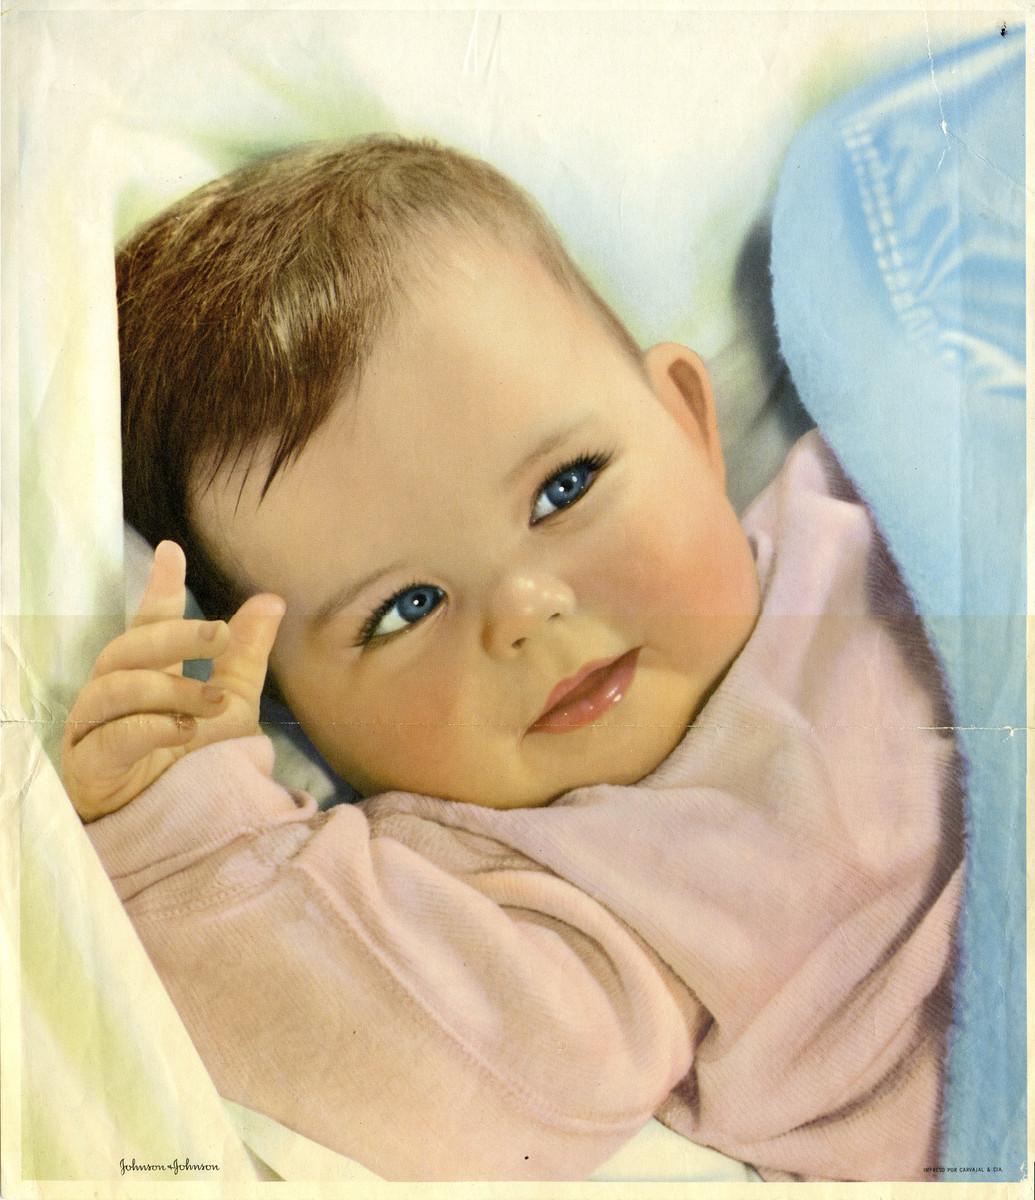 BG_FUENTES_2_BabyJohnson.jpg